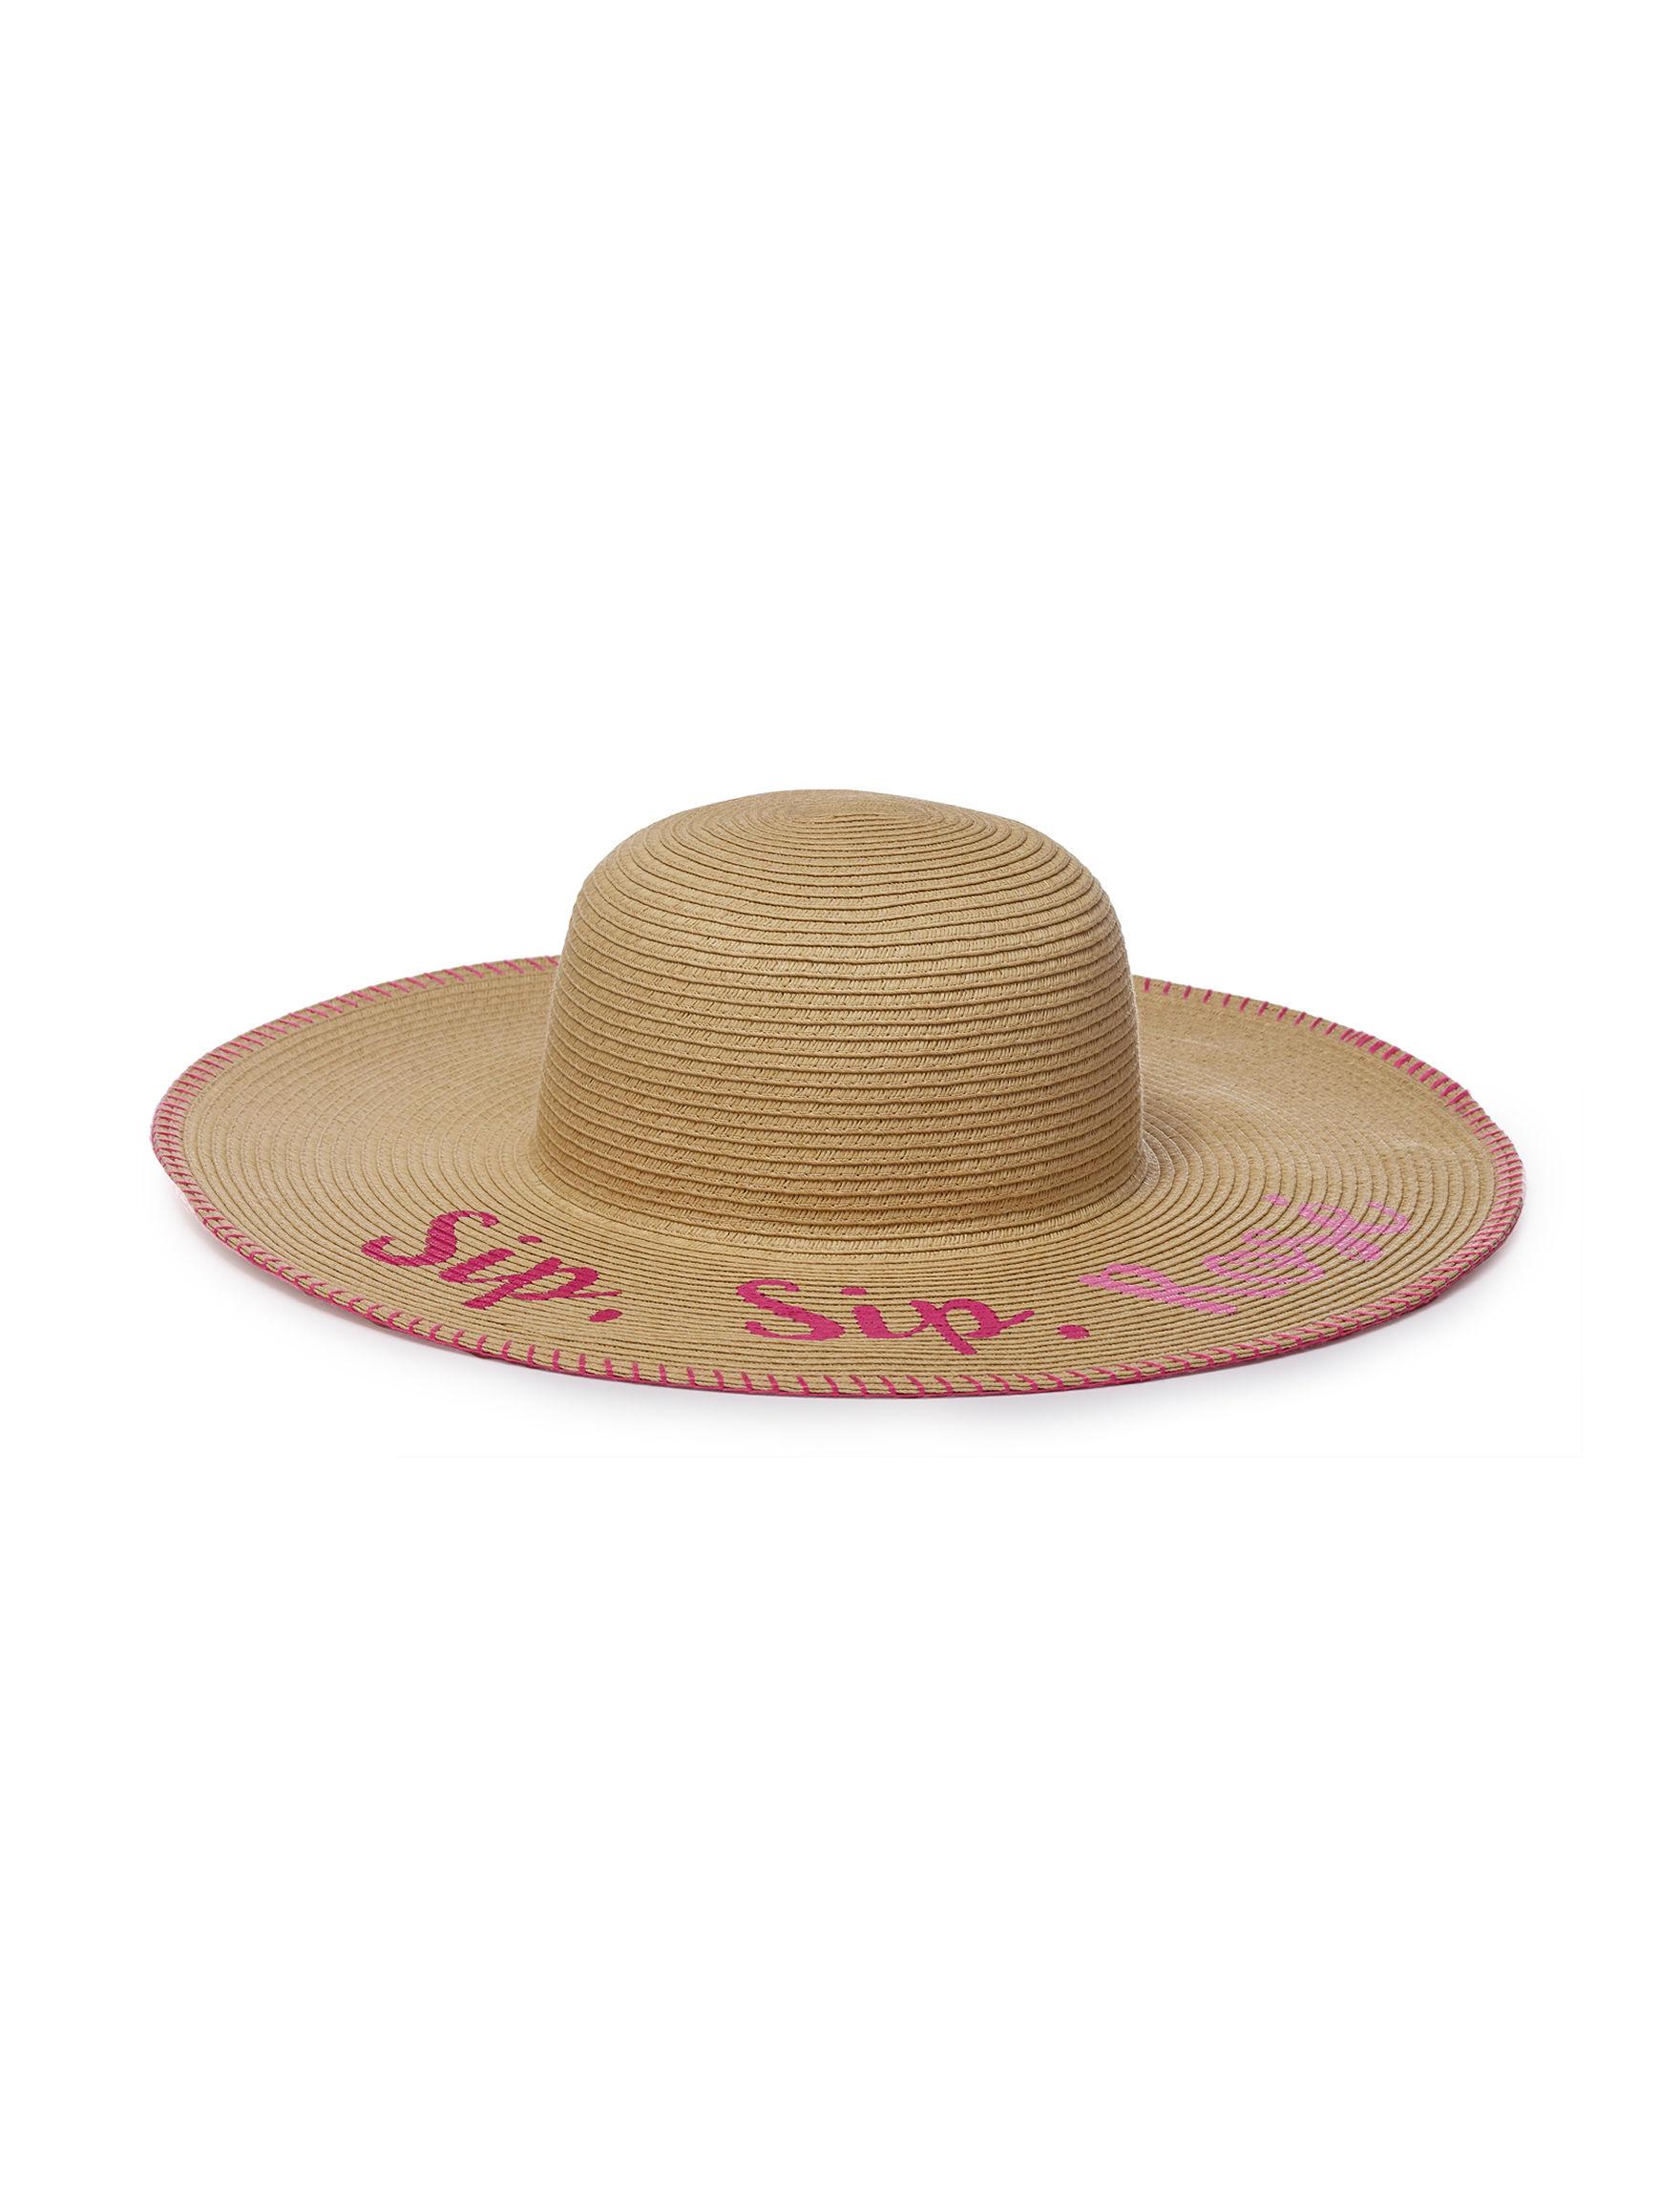 David & Young Beige / Multi Hats & Headwear Floppy Hats